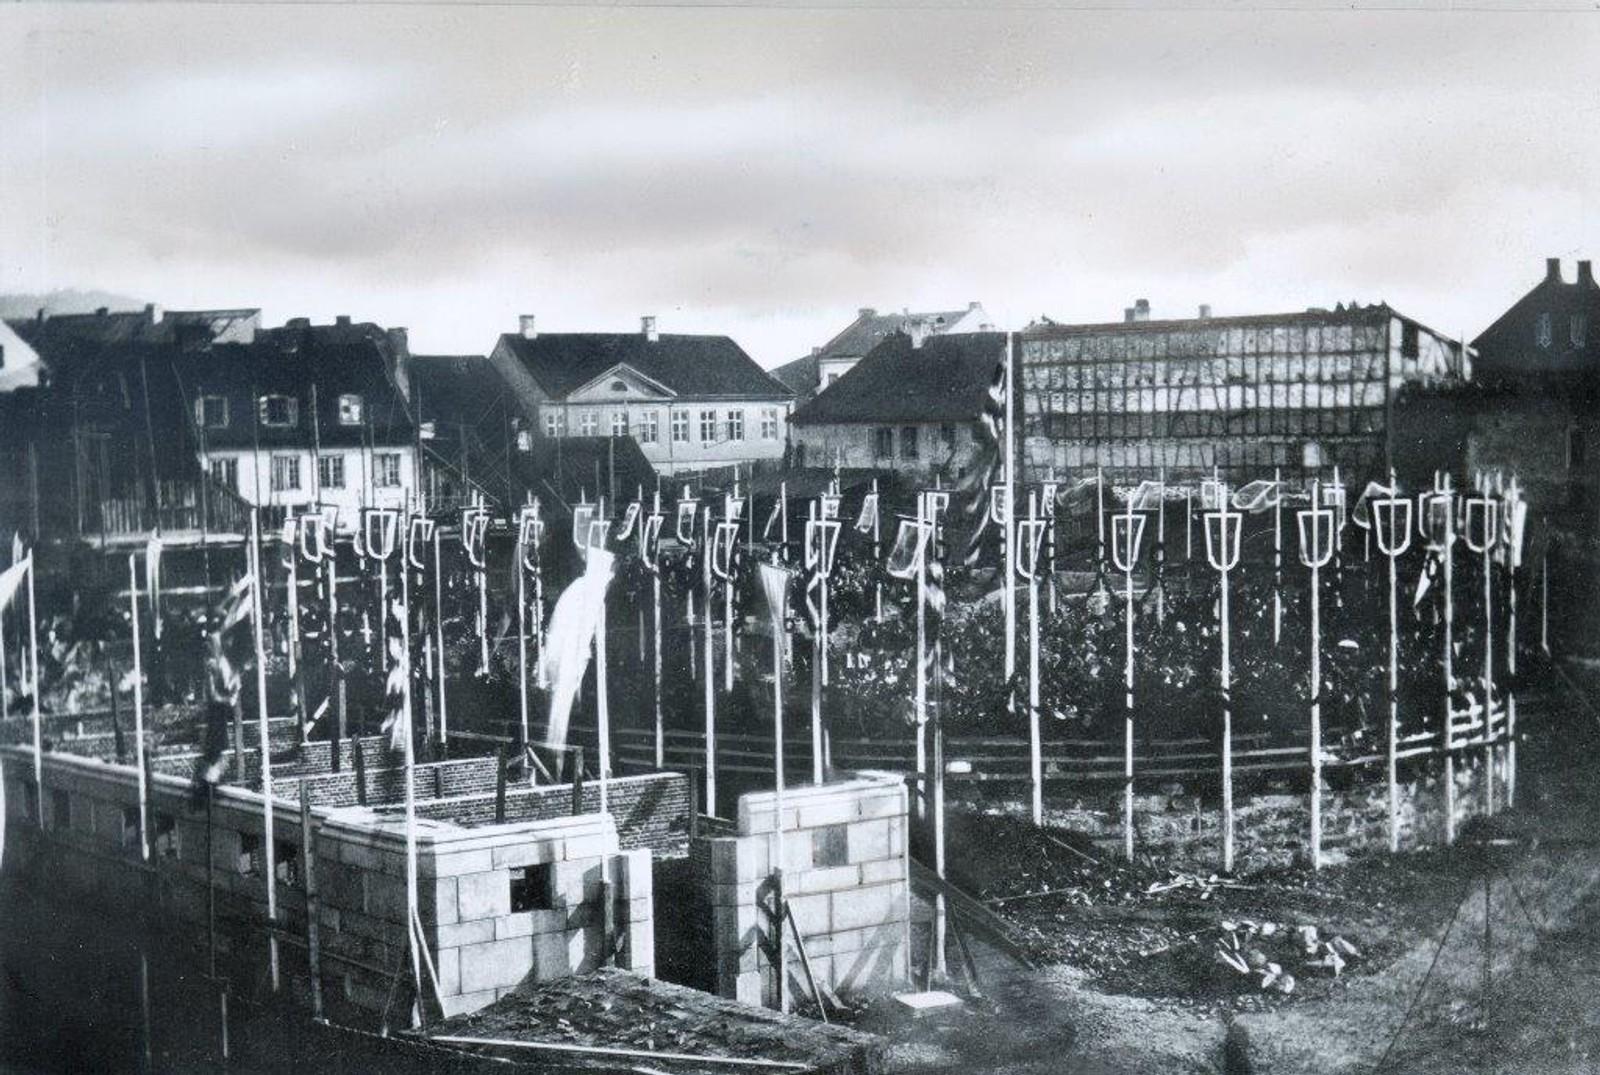 Grunnstenen til Norges Storting ble lagt 10. oktober 1861 i en høytidelig seremoni. Bygningens omriss er markert med flagg, vimpler og blomster. I fundamentet under det som skulle bli presidentpodiet ble det plassert en eske med sølvmynter fra samme år. Foto: Ukjent / Stortingsarkivet / NTB scanpix